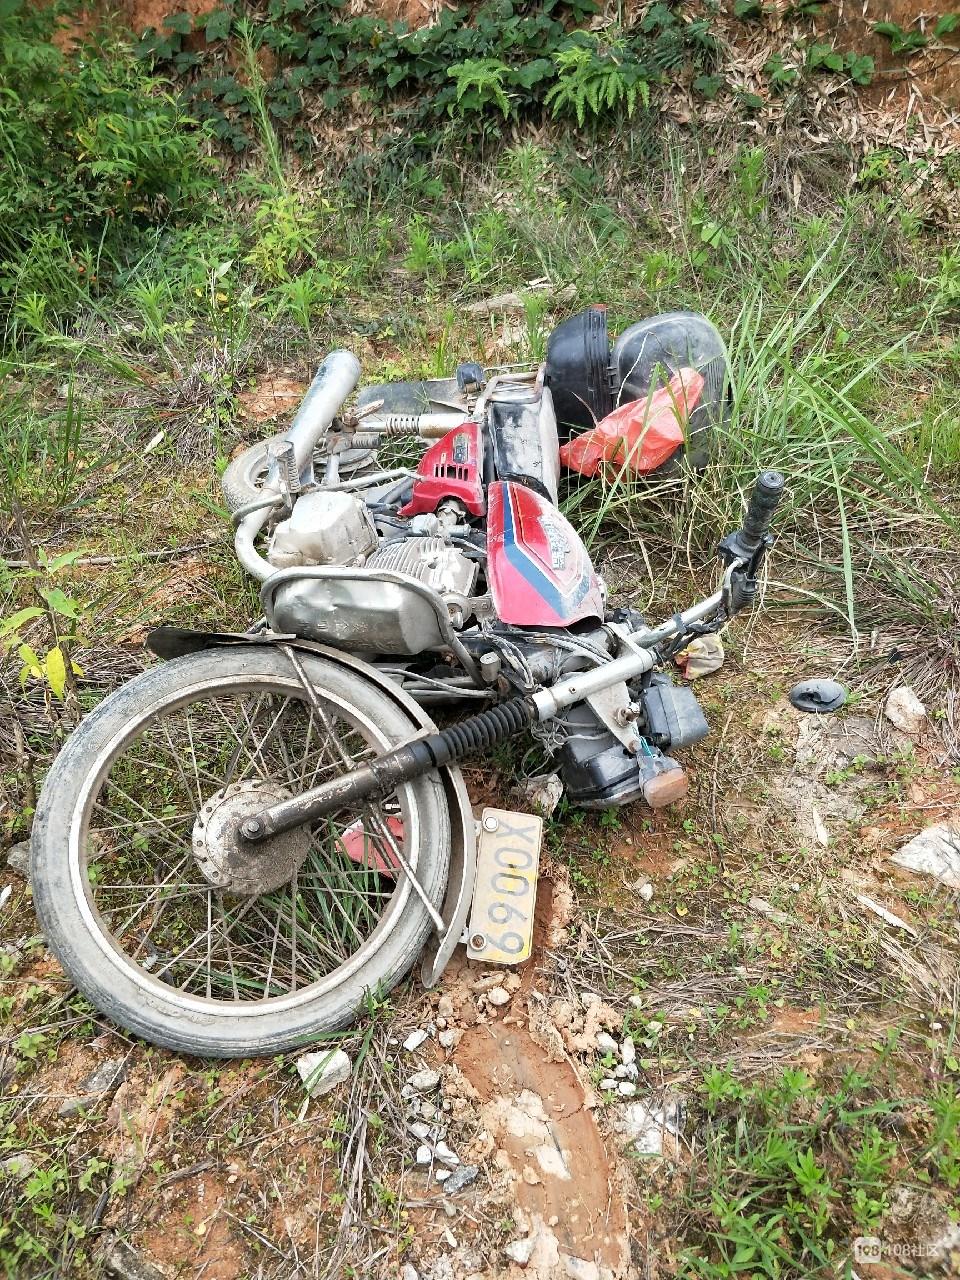 成功路后山疑发现一辆丢弃的事故车,求扩散寻找主人